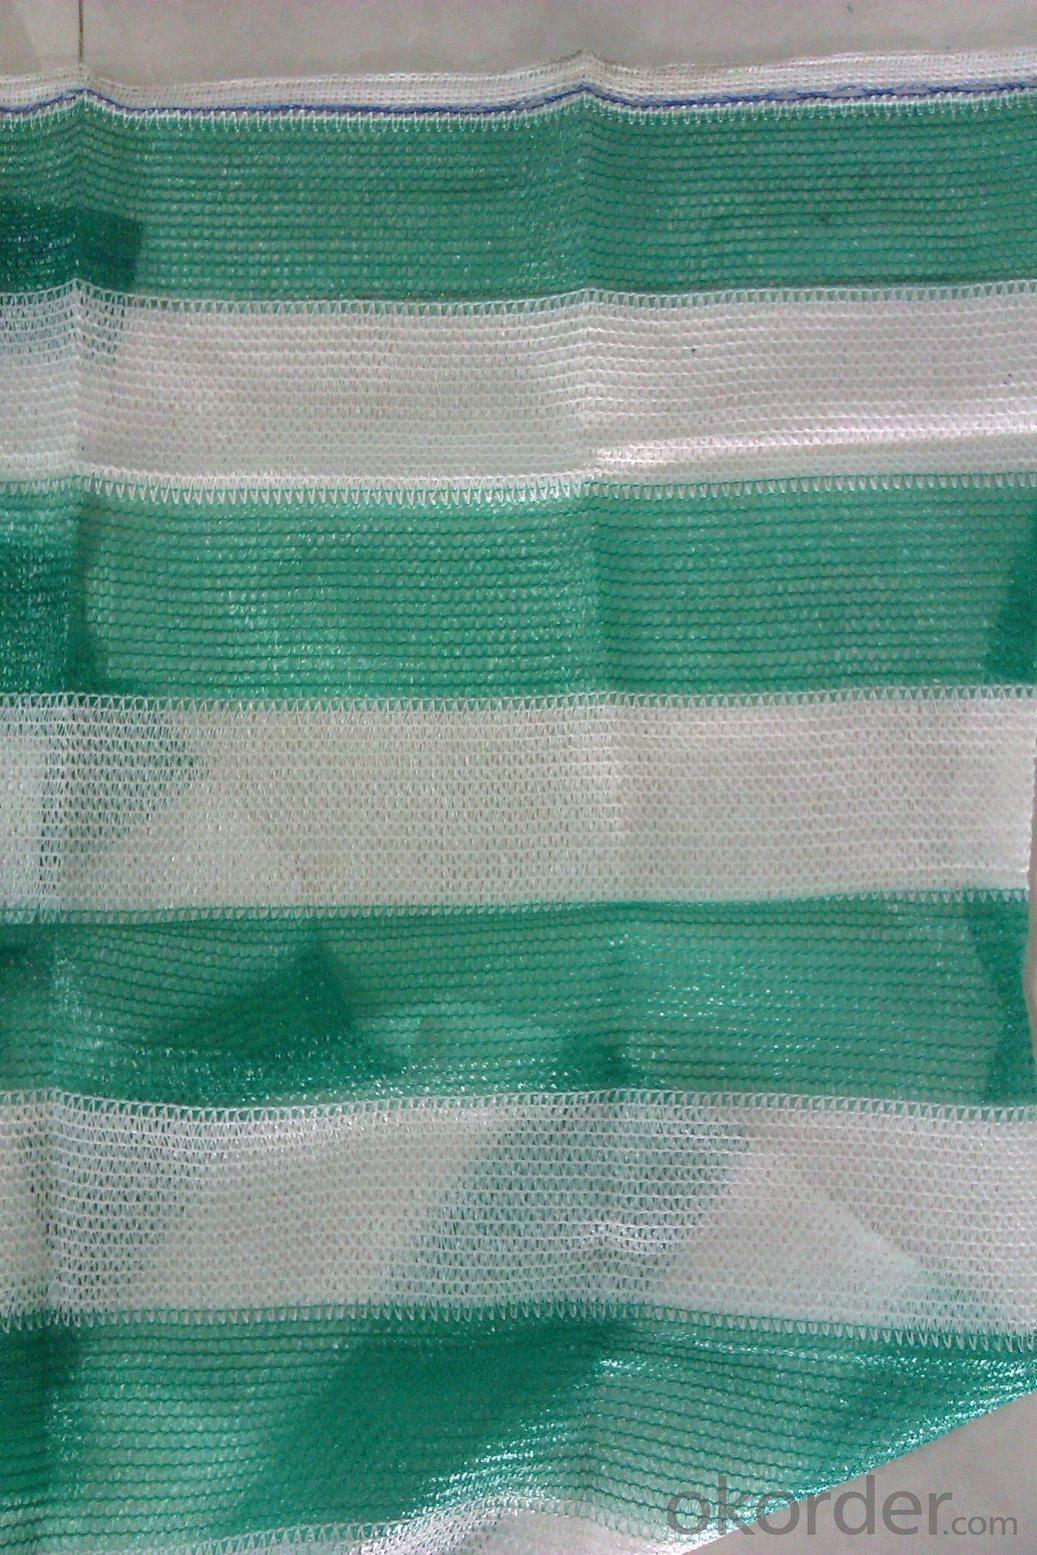 Plastic Sunshade Balcony Net